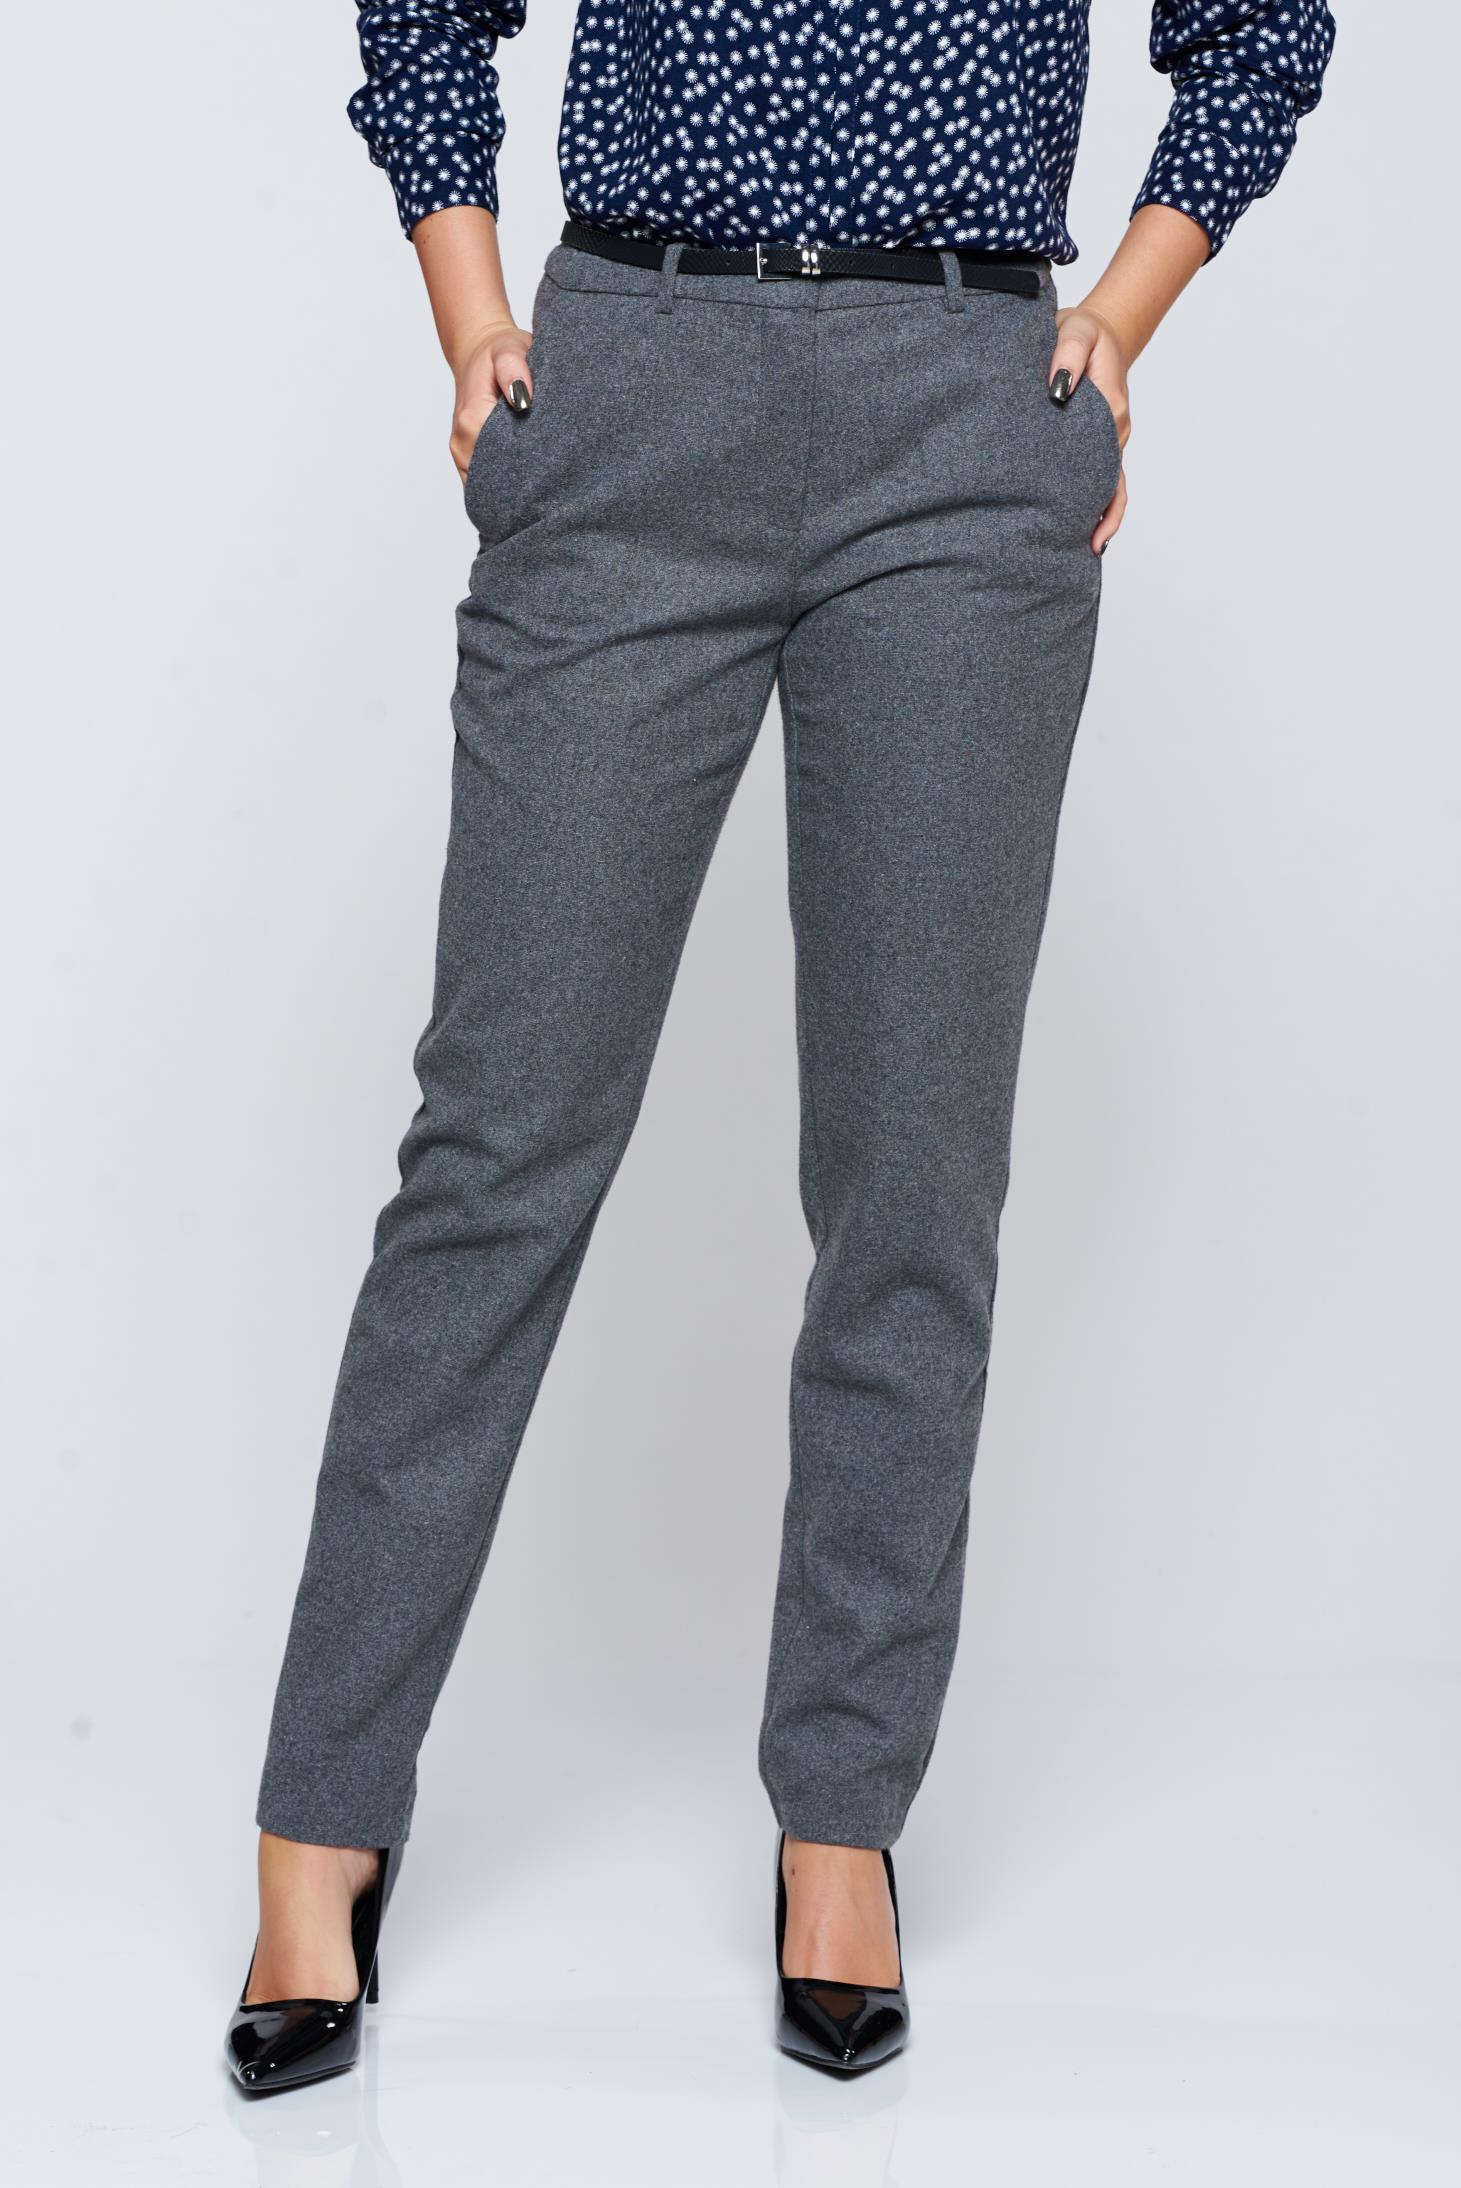 Pantaloni Top Secret gri-deschis office conici cu talie medie